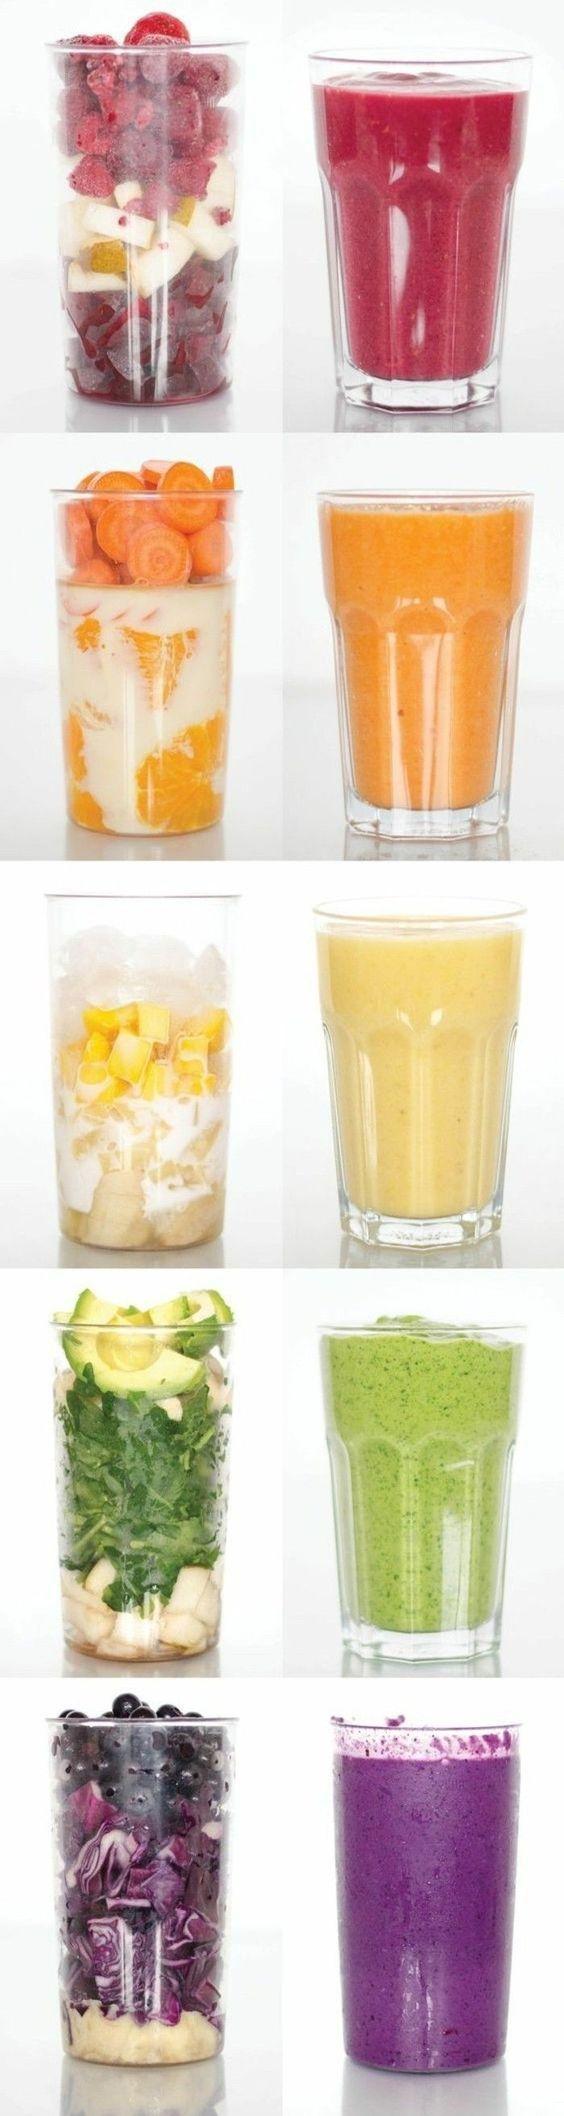 recettes smoothies pour tous les goûts, suivre un régime santé et minceur à smoothies